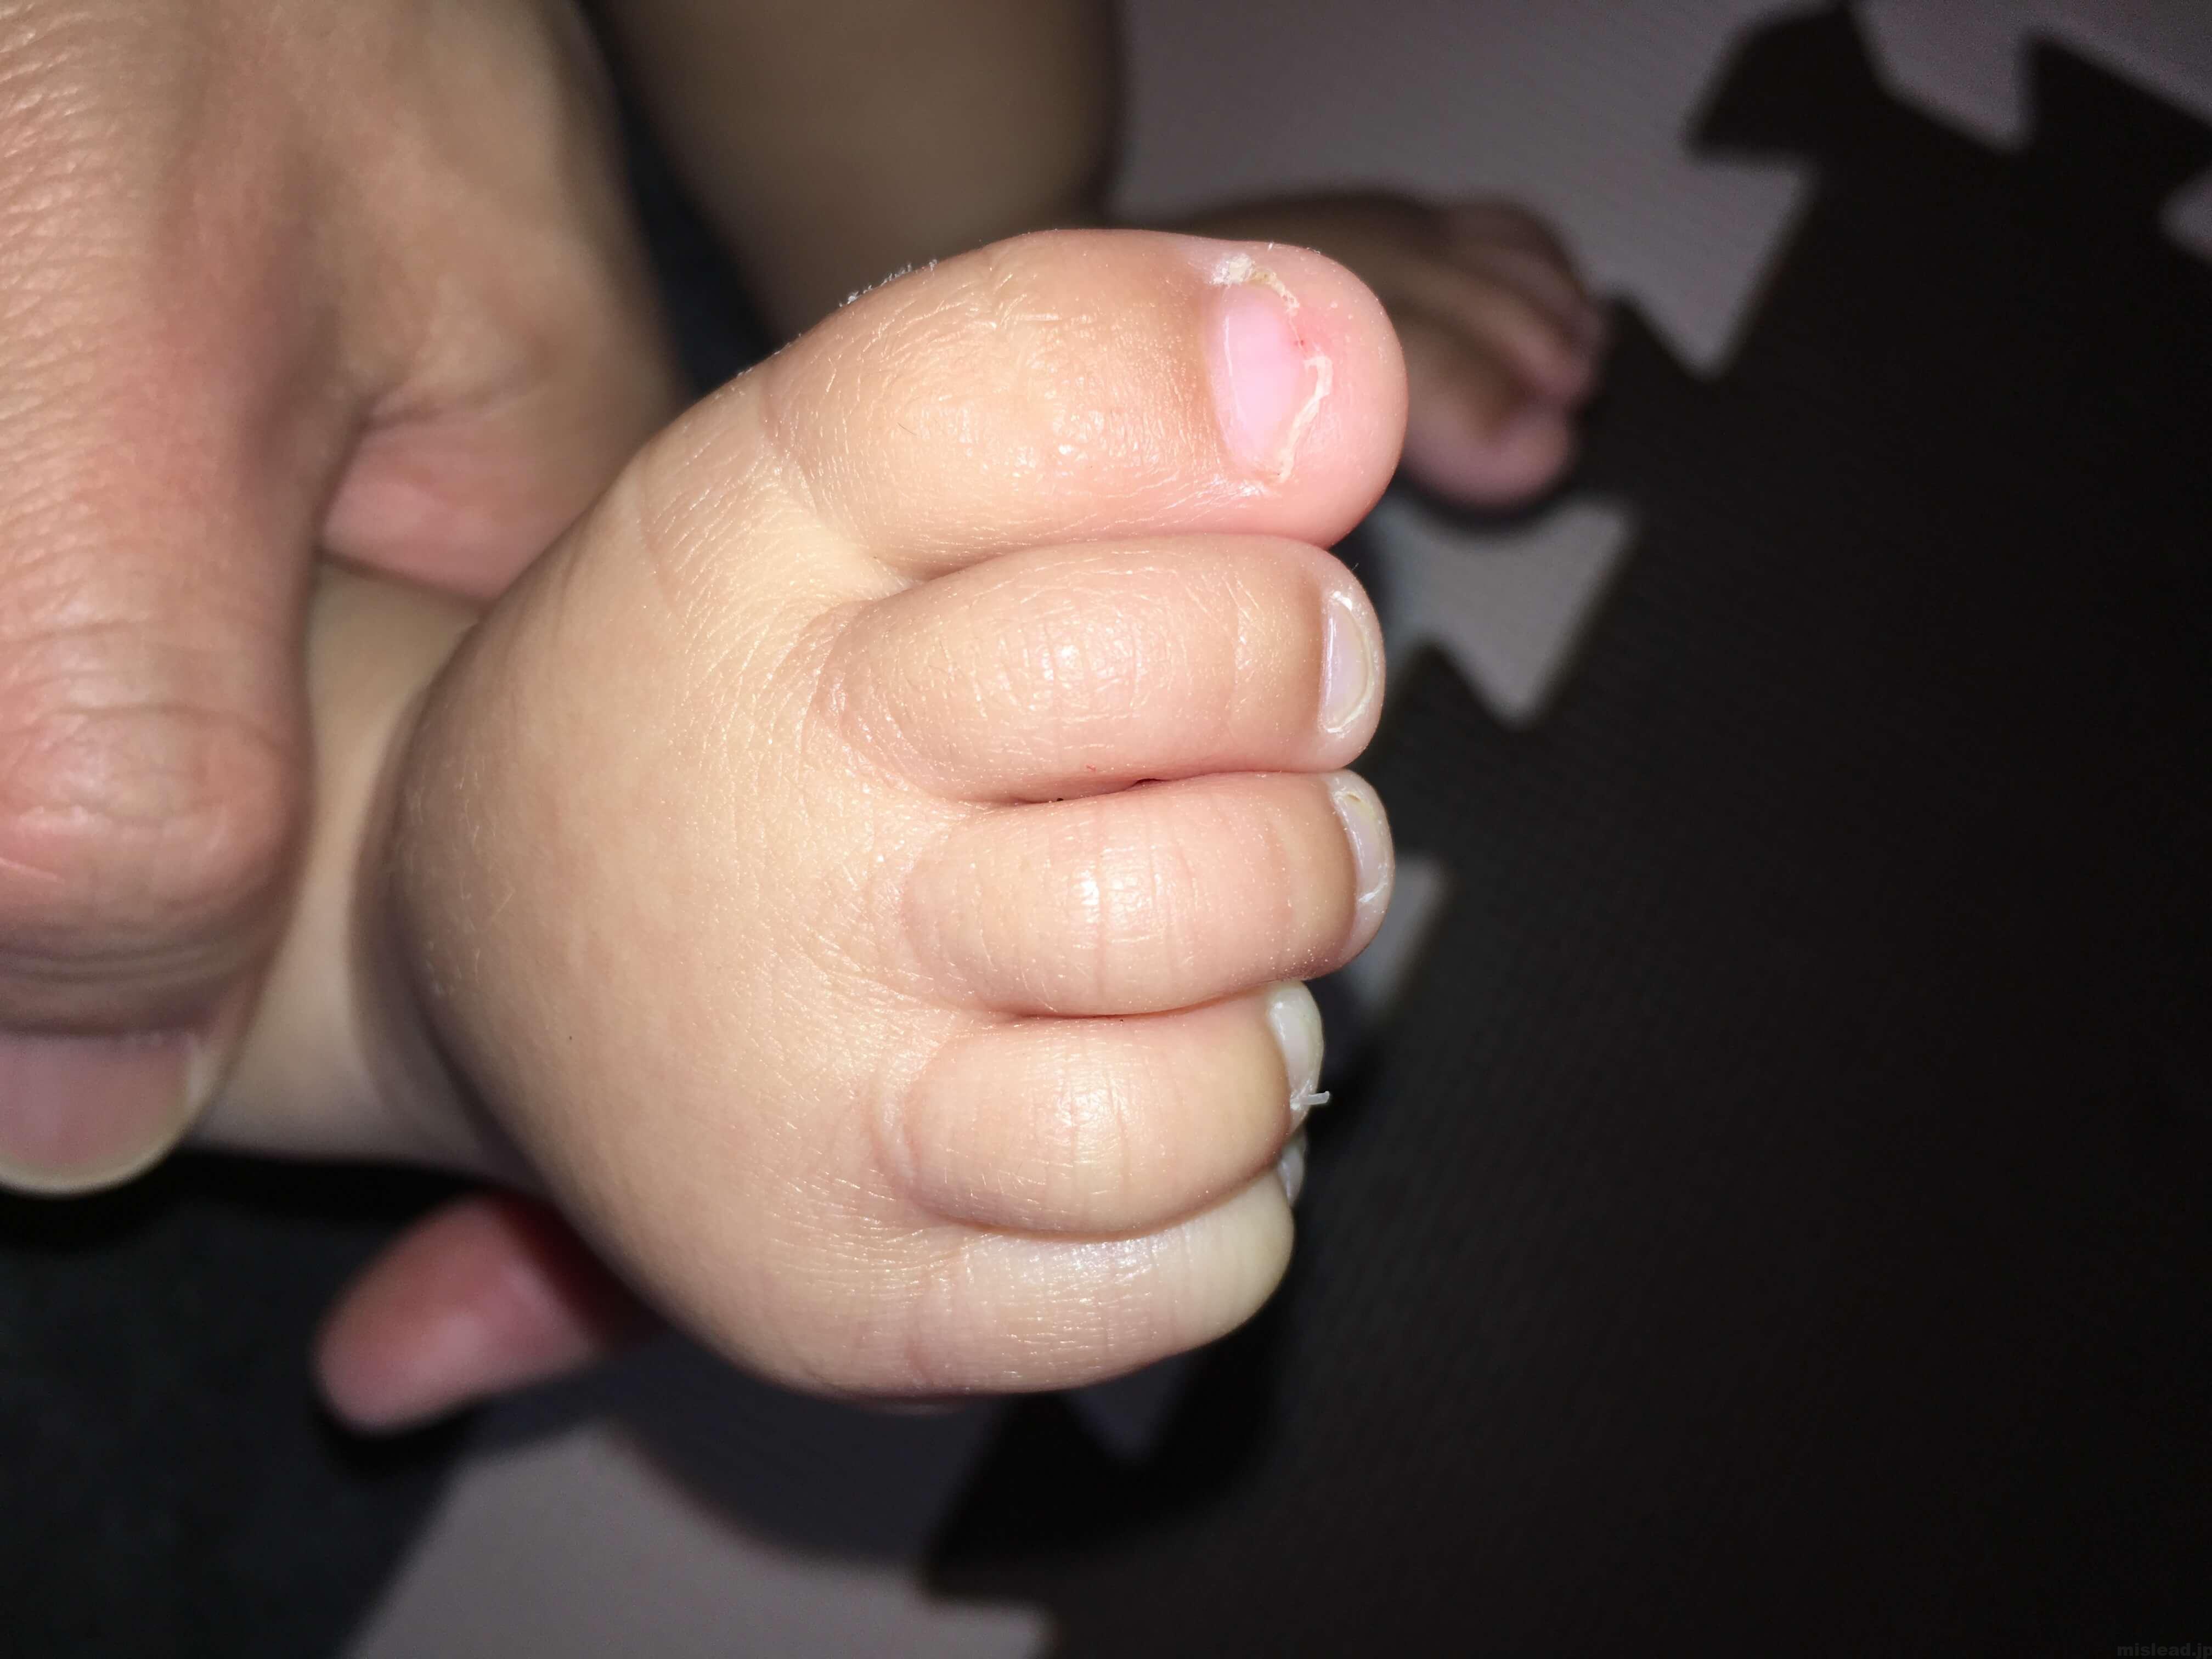 異汗性湿疹 足の甲 病院後四週間目